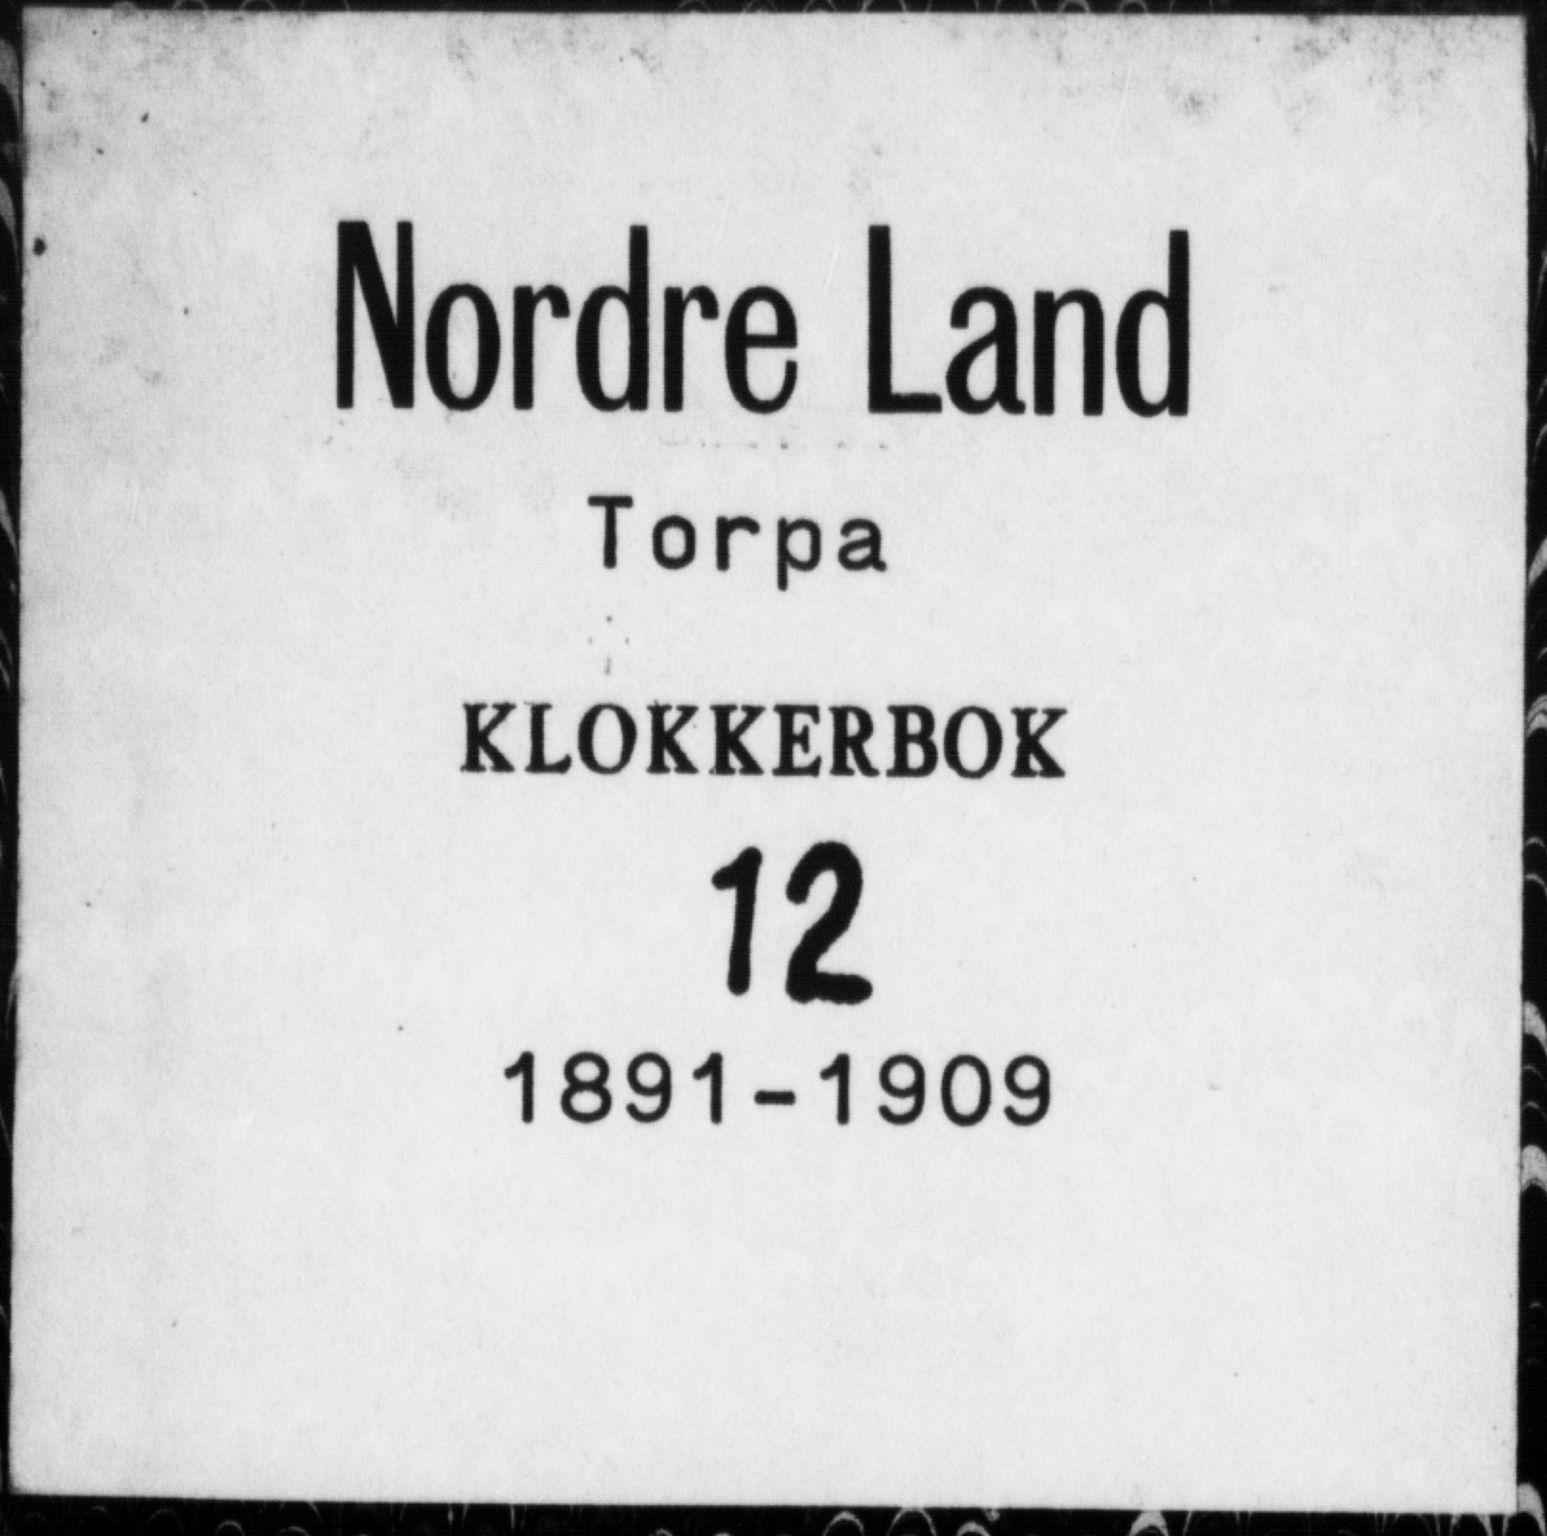 SAH, Nordre Land prestekontor, Klokkerbok nr. 12, 1891-1909